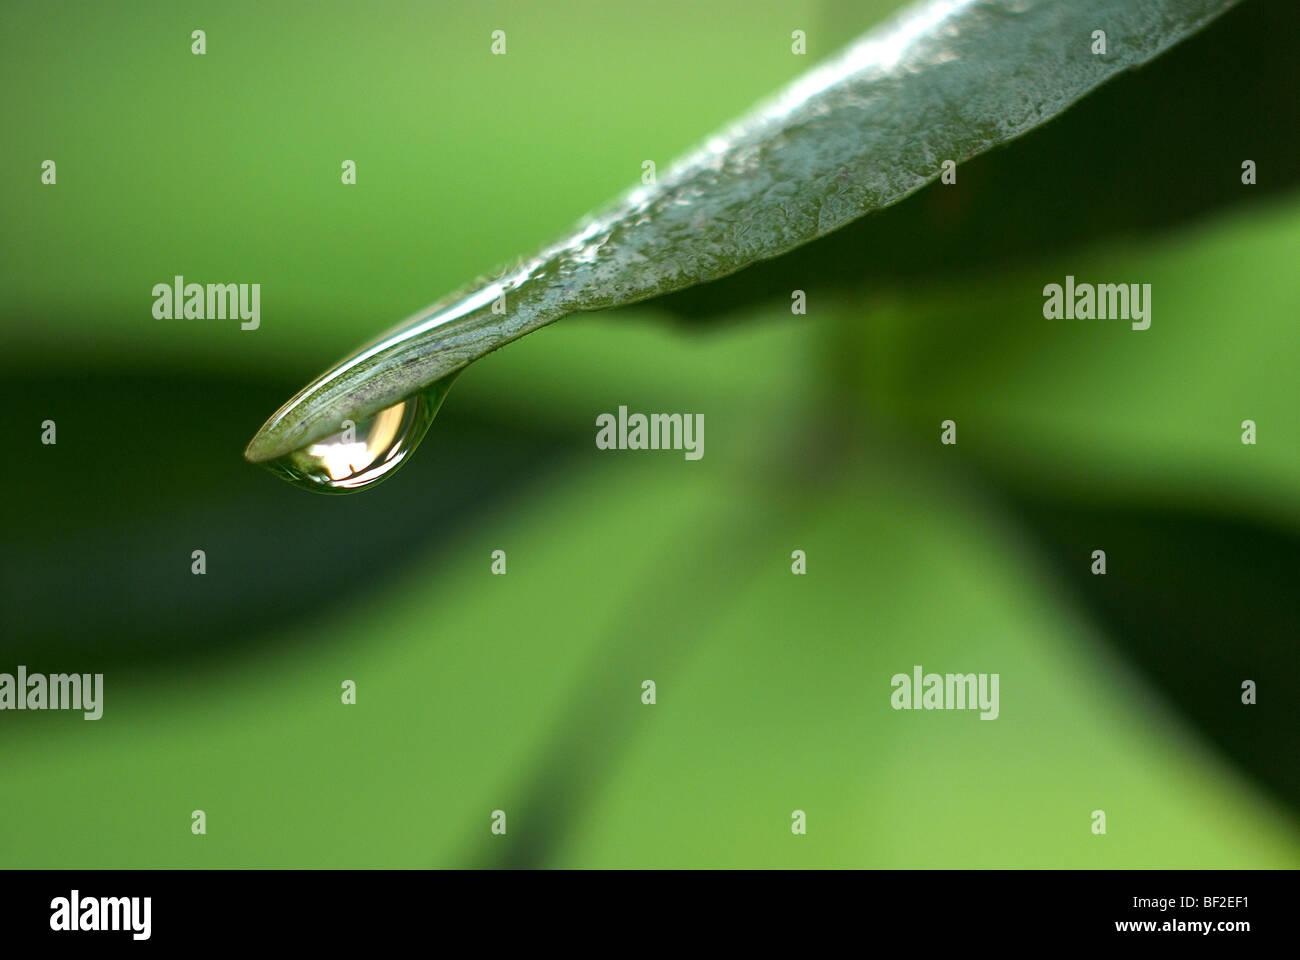 Feuille verte, chute de pluie, l'eau goutte, goutte de rosée, macro, close-up, Close up, la rosée, Photo Stock